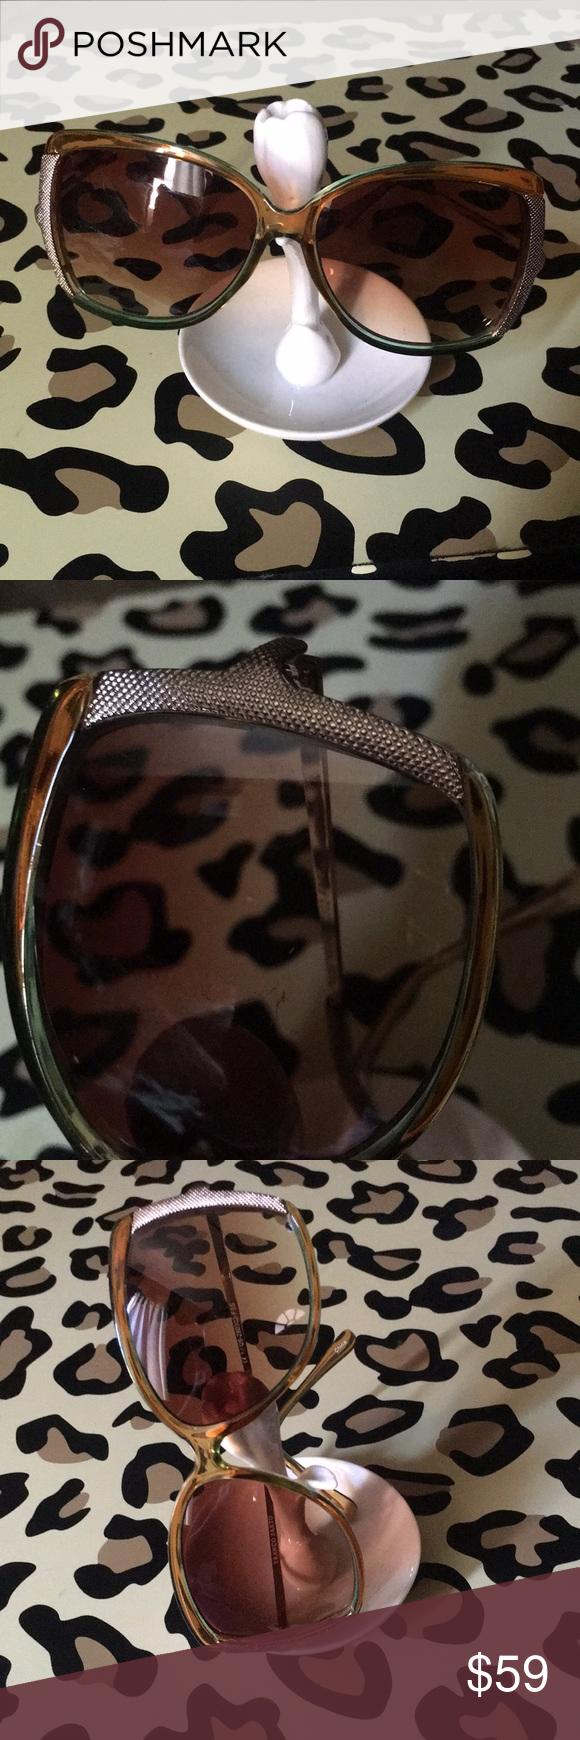 a13a7cbbe13b Reflection Sunglasses 😎 Multi Colors Sunglasses Beautiful design by the  sides Franco Sarto Some minor scratches Franco Sarto Accessories Sunglasses